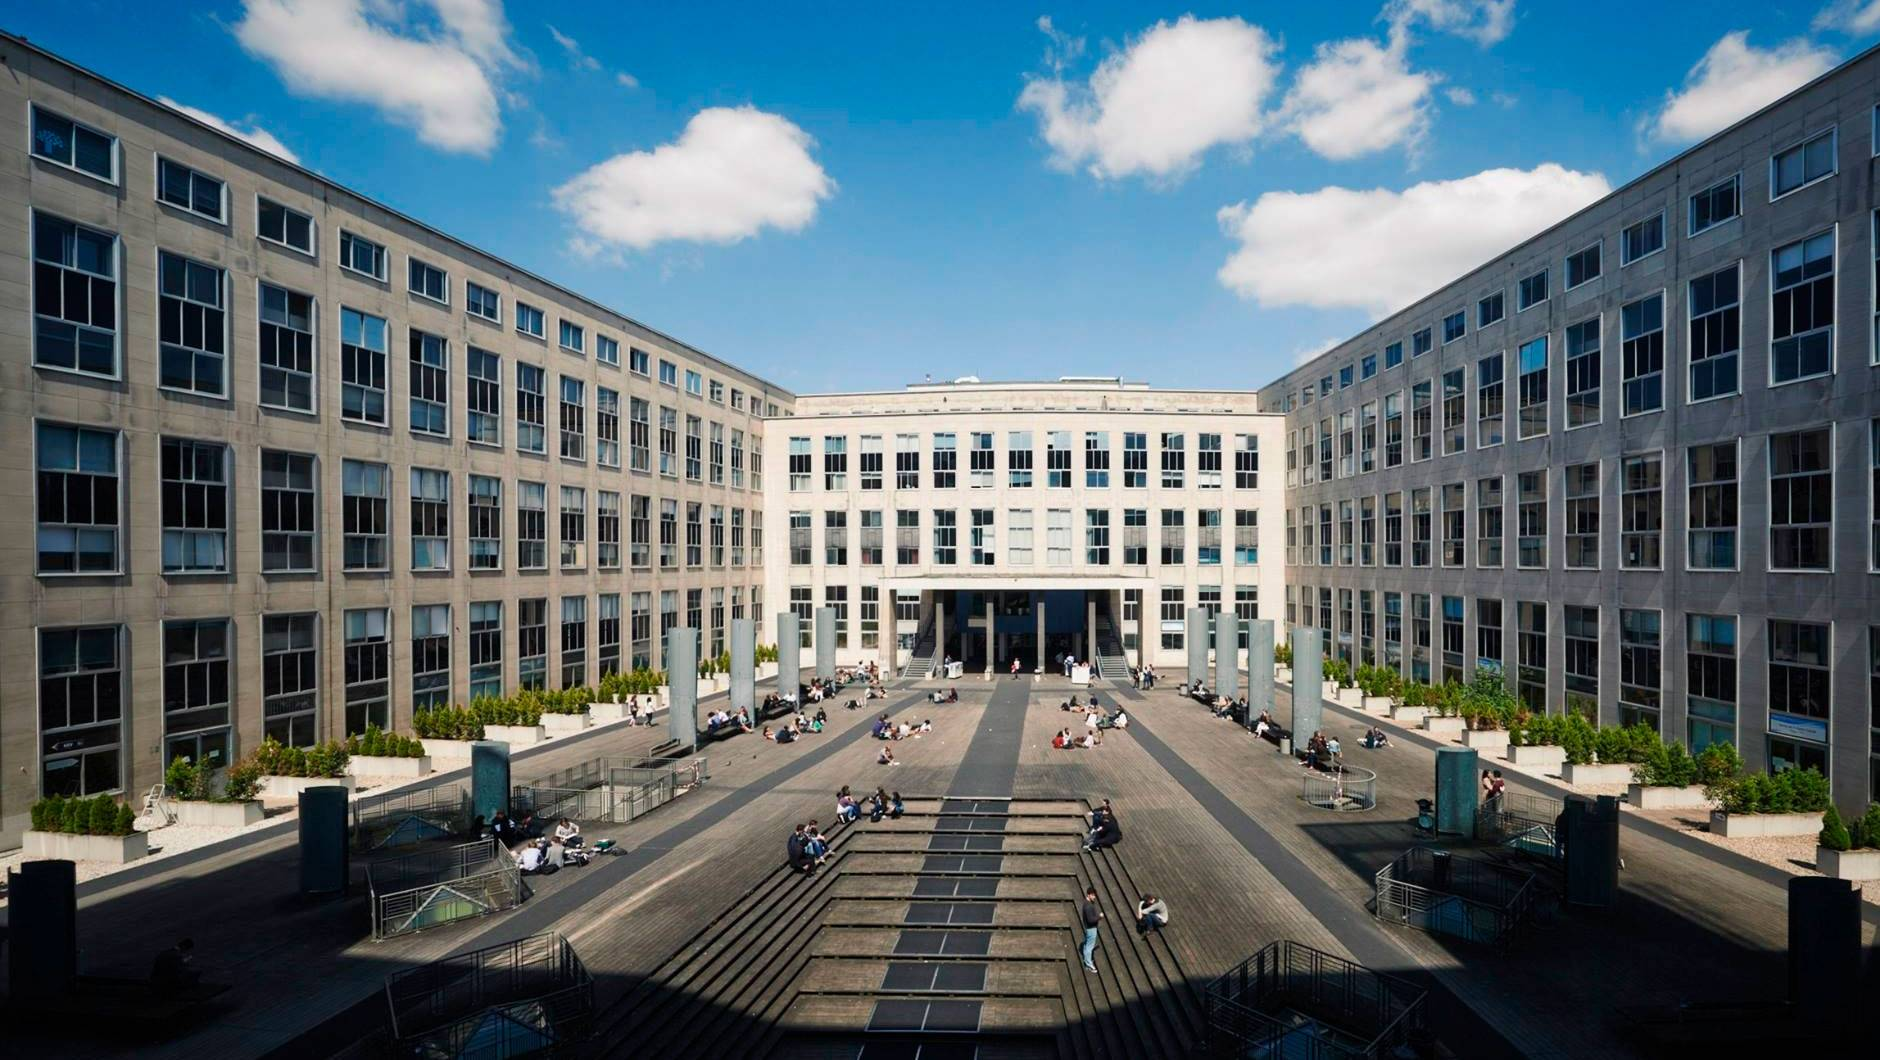 Учёба во франции: система образования и возможности для иностранцев